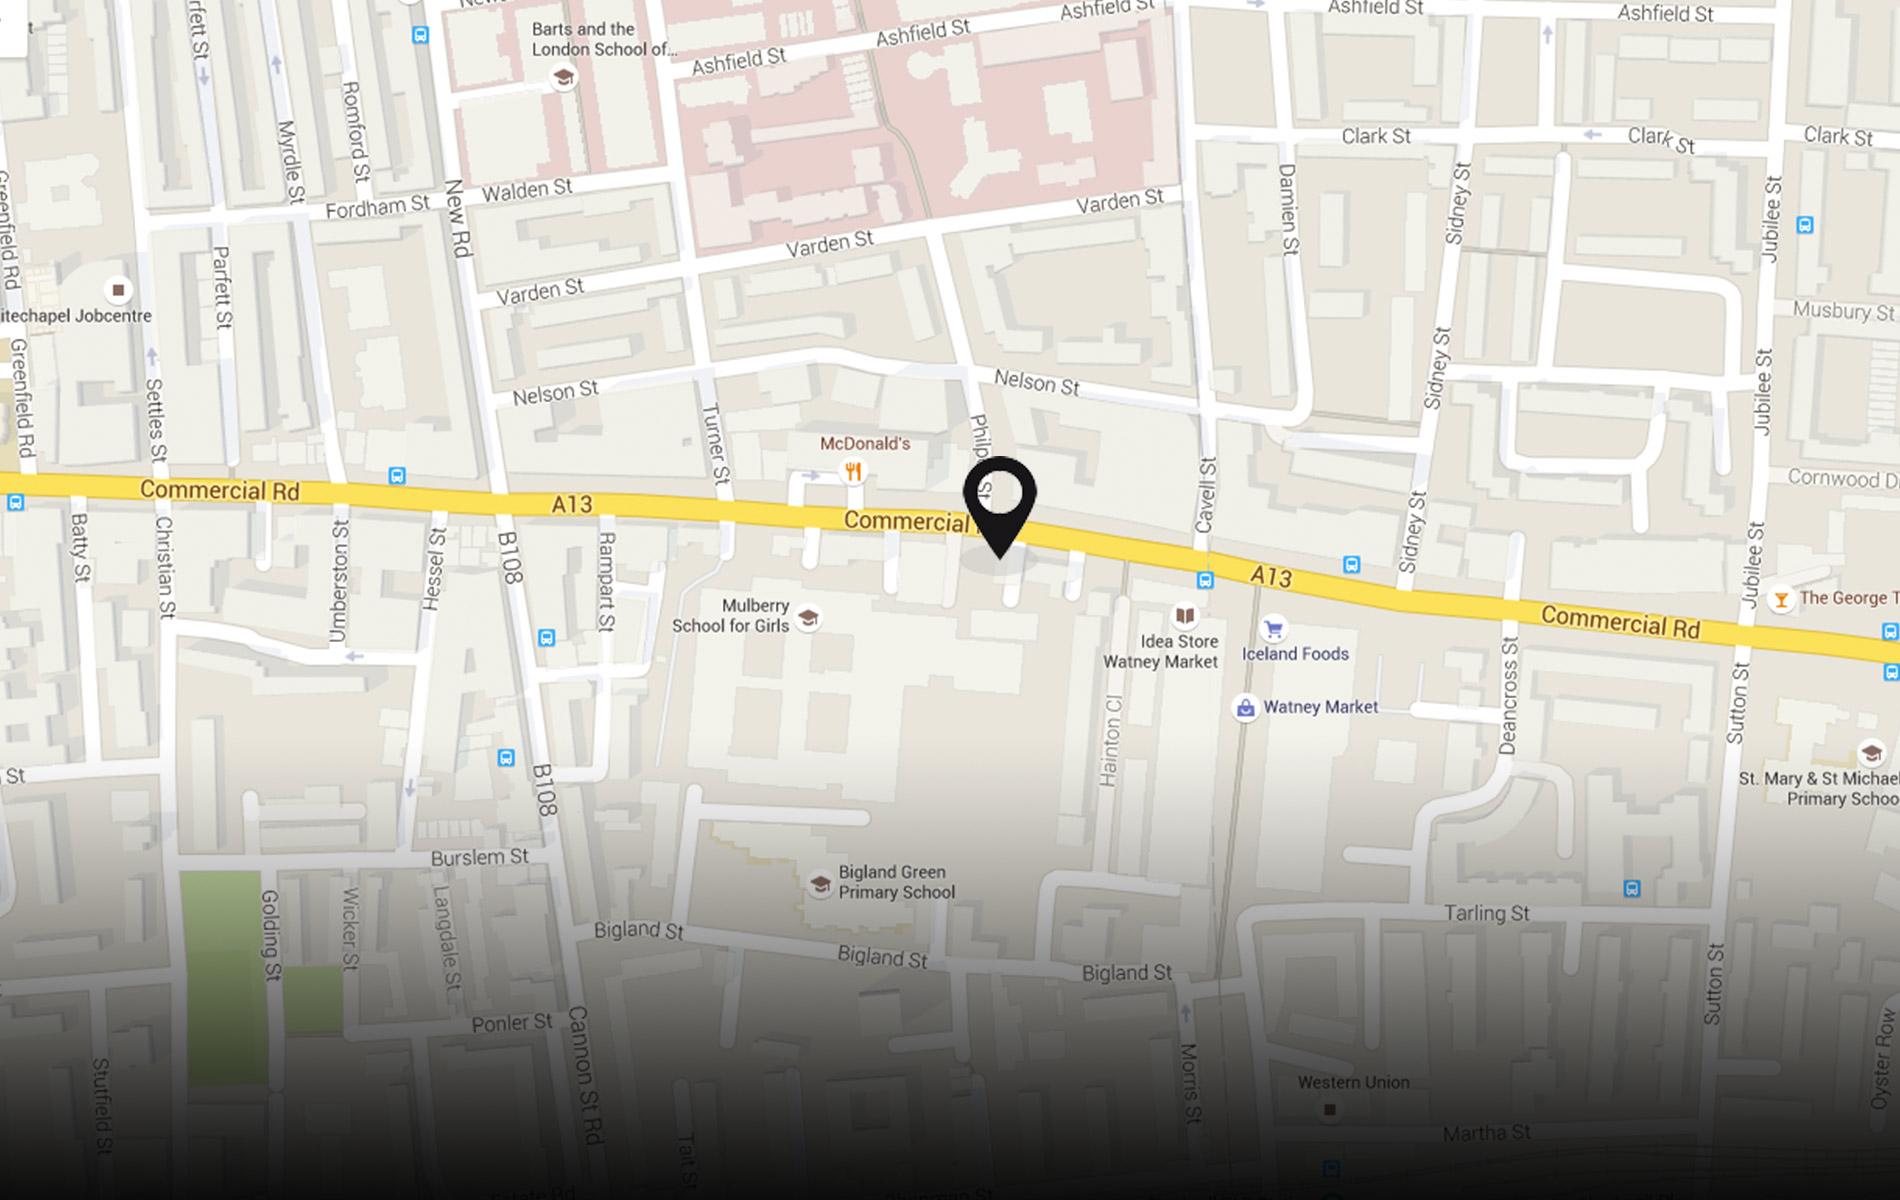 230 Commercial Rd, London E1 2NB